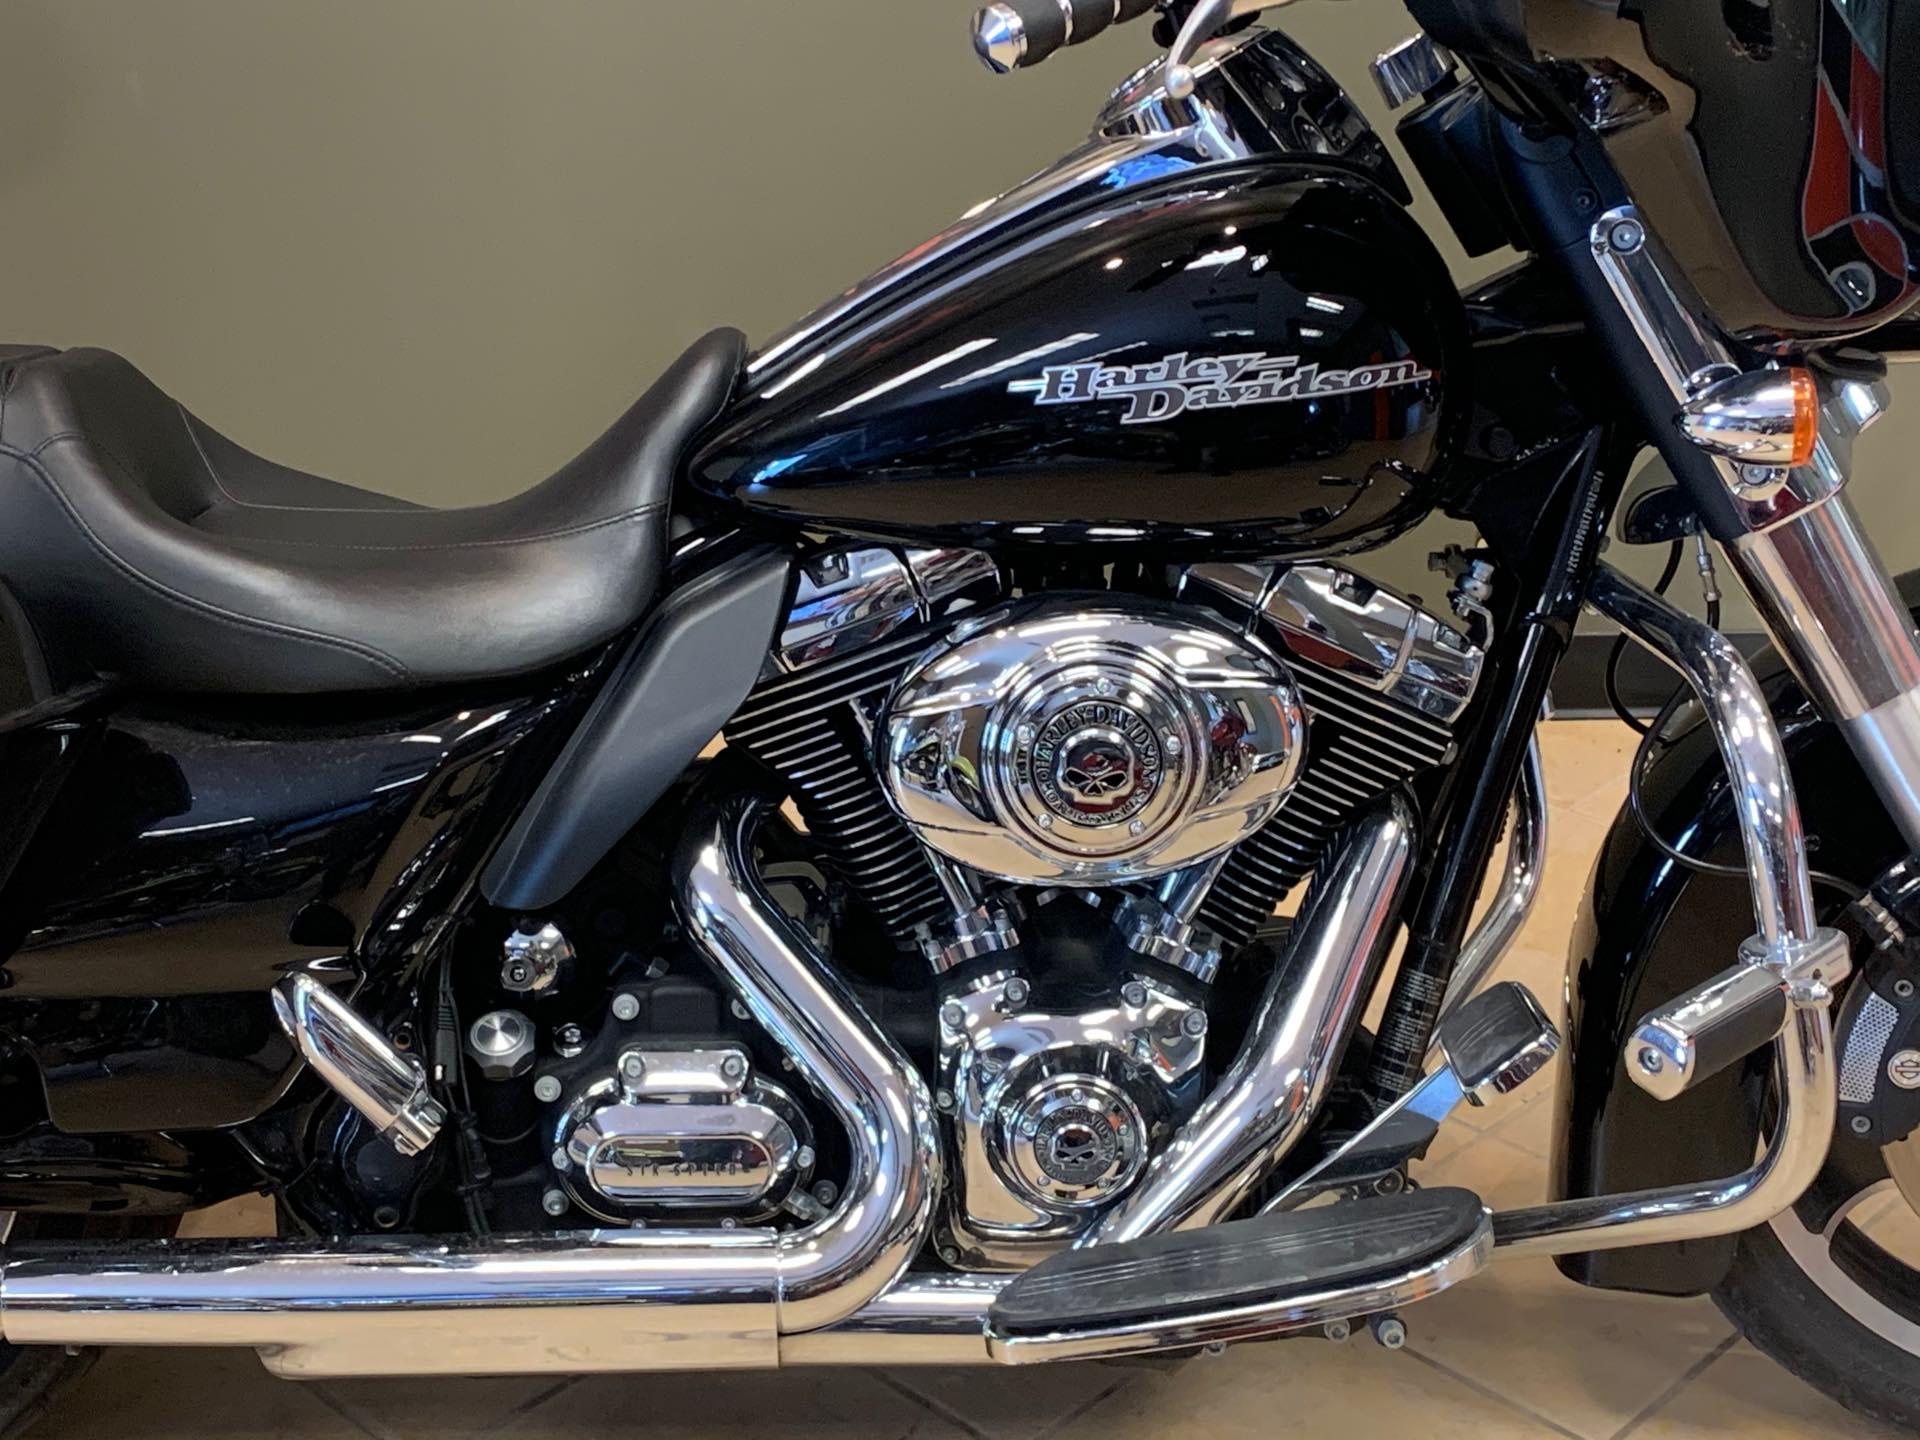 2011 Harley-Davidson Street Glide Base at Loess Hills Harley-Davidson